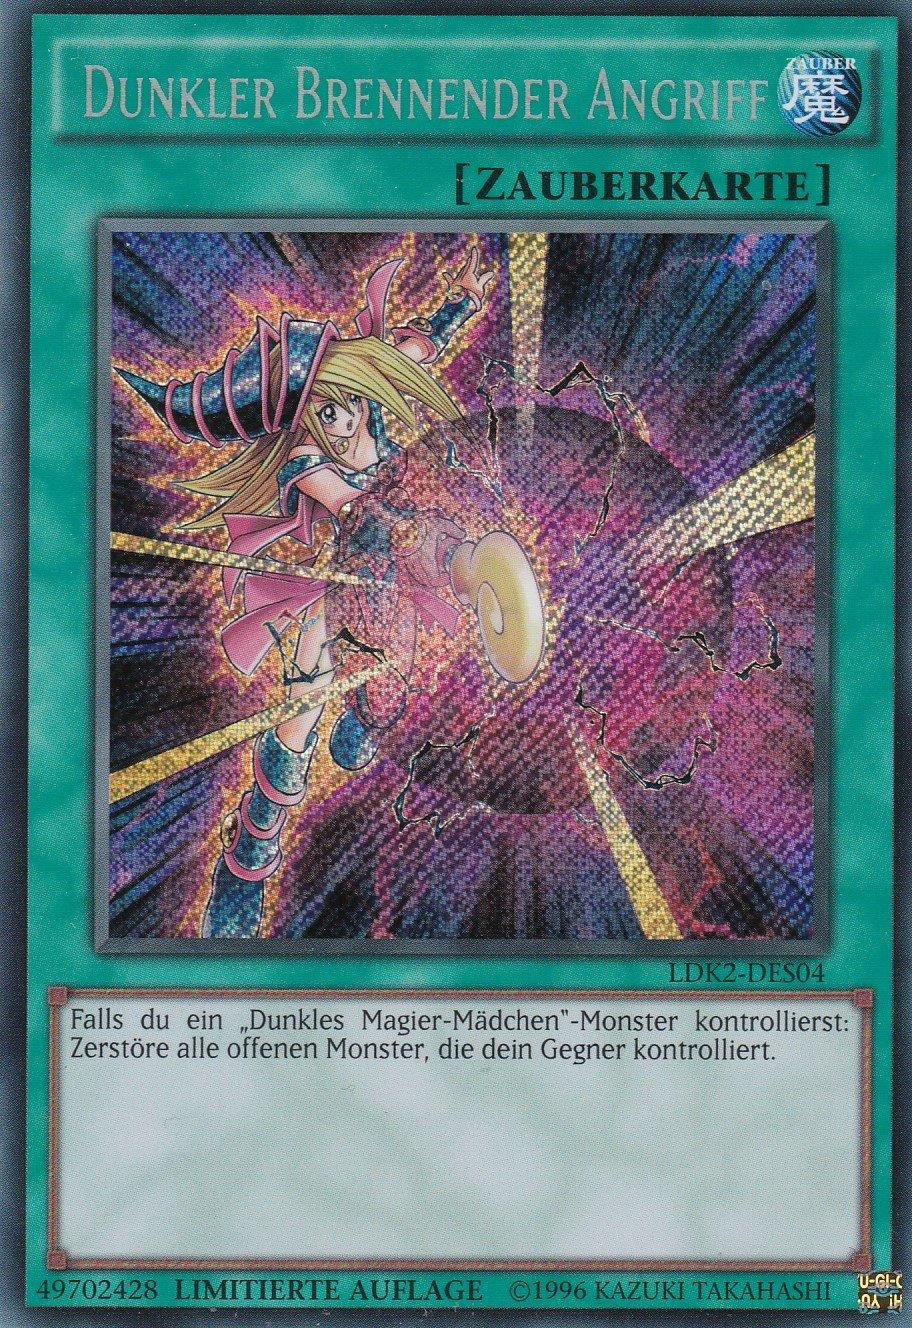 LDK2-DES04 - - Dunkler brennender Angriff - - Secret Rare - Yu-Gi-Oh - Deutsch - 1. Auflage 5a649b